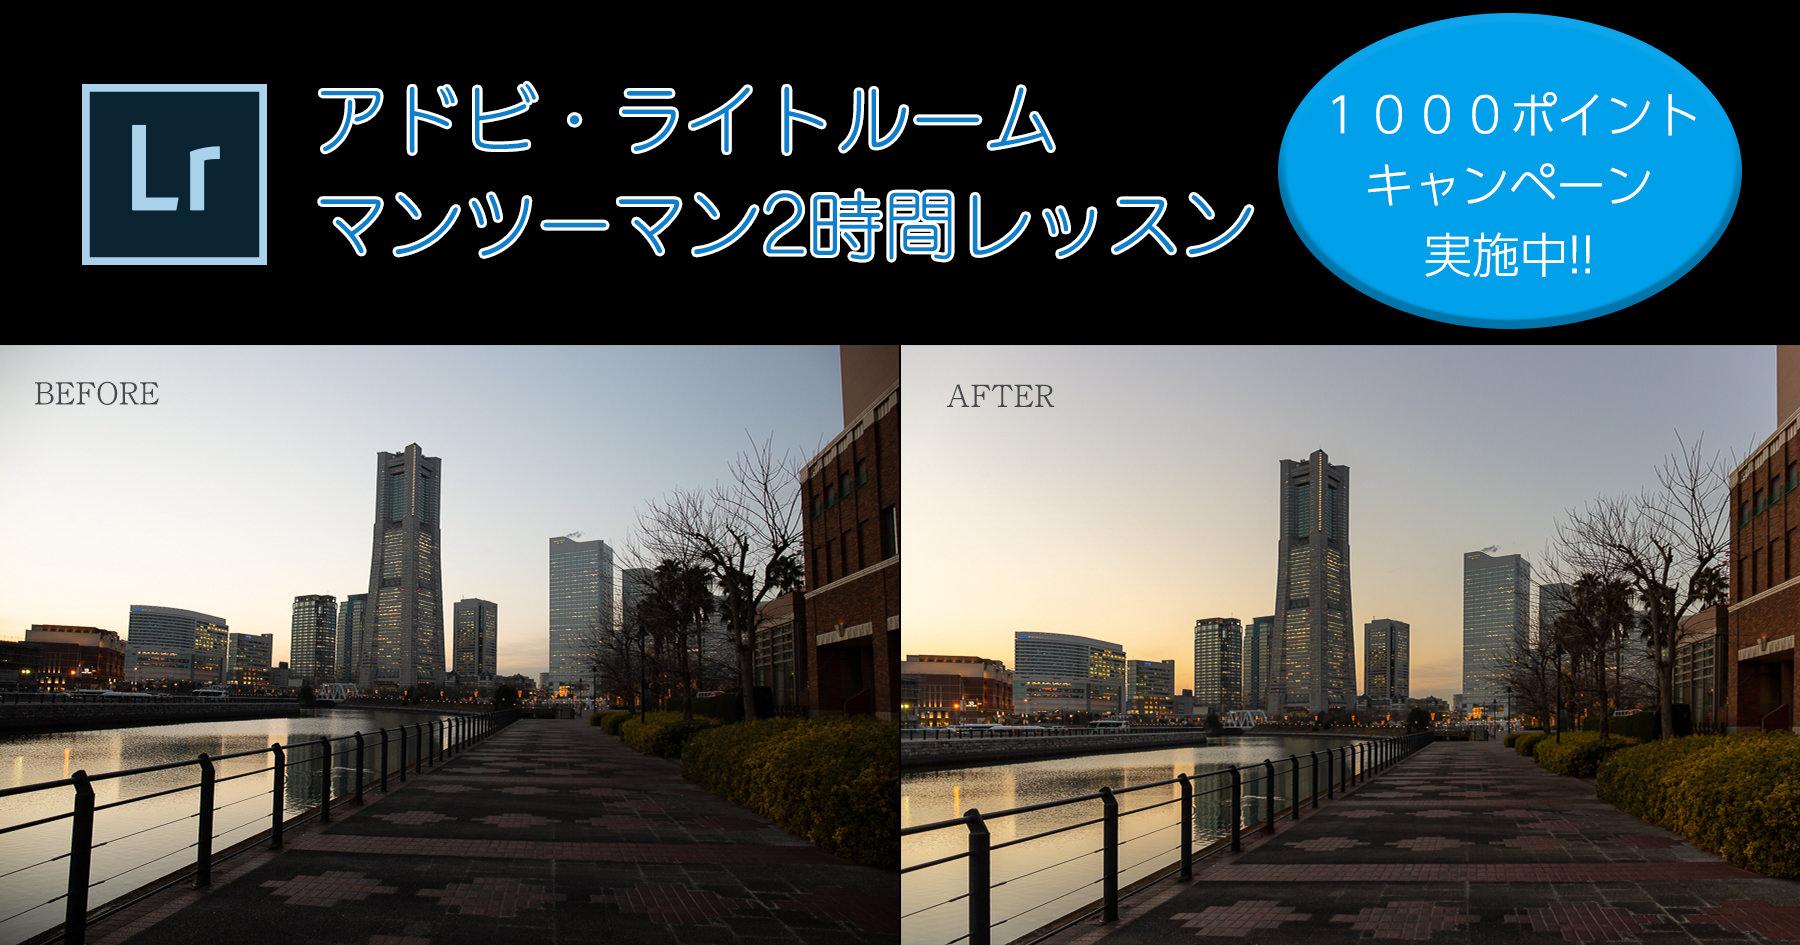 ライトルームレッスン(川崎開催)受講キャンペーンのお知らせ